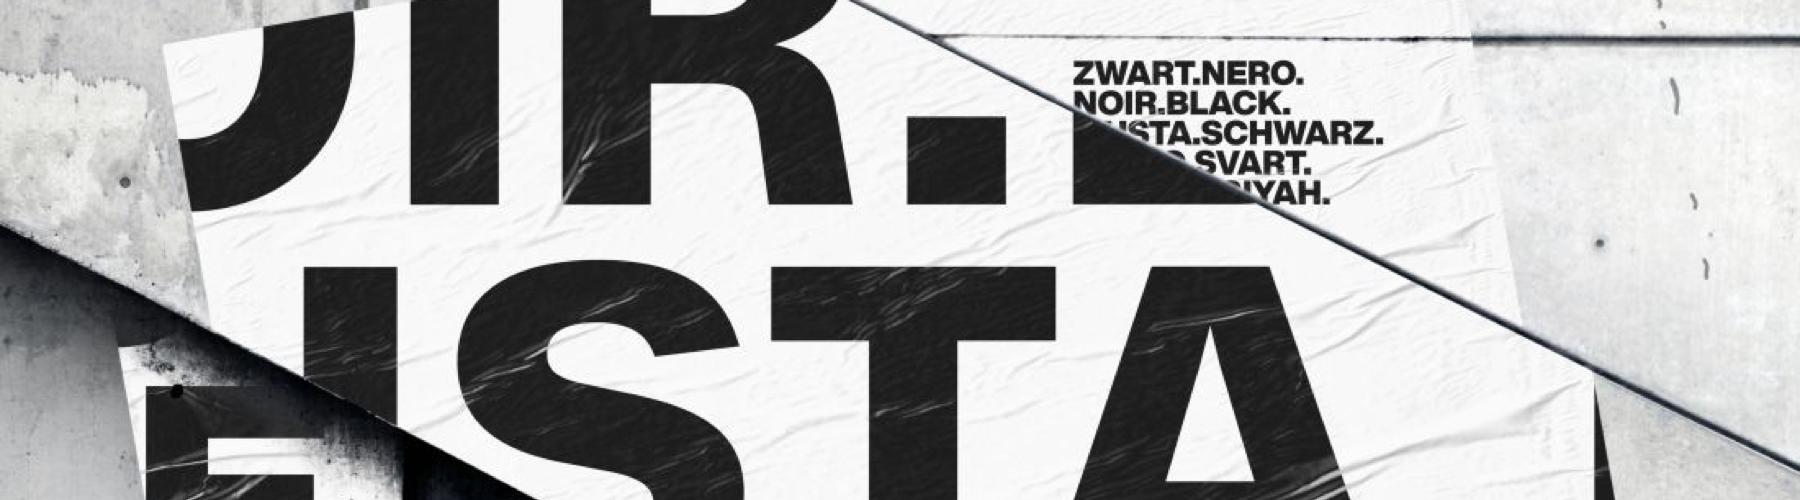 I migliori font da utilizzare sui poster